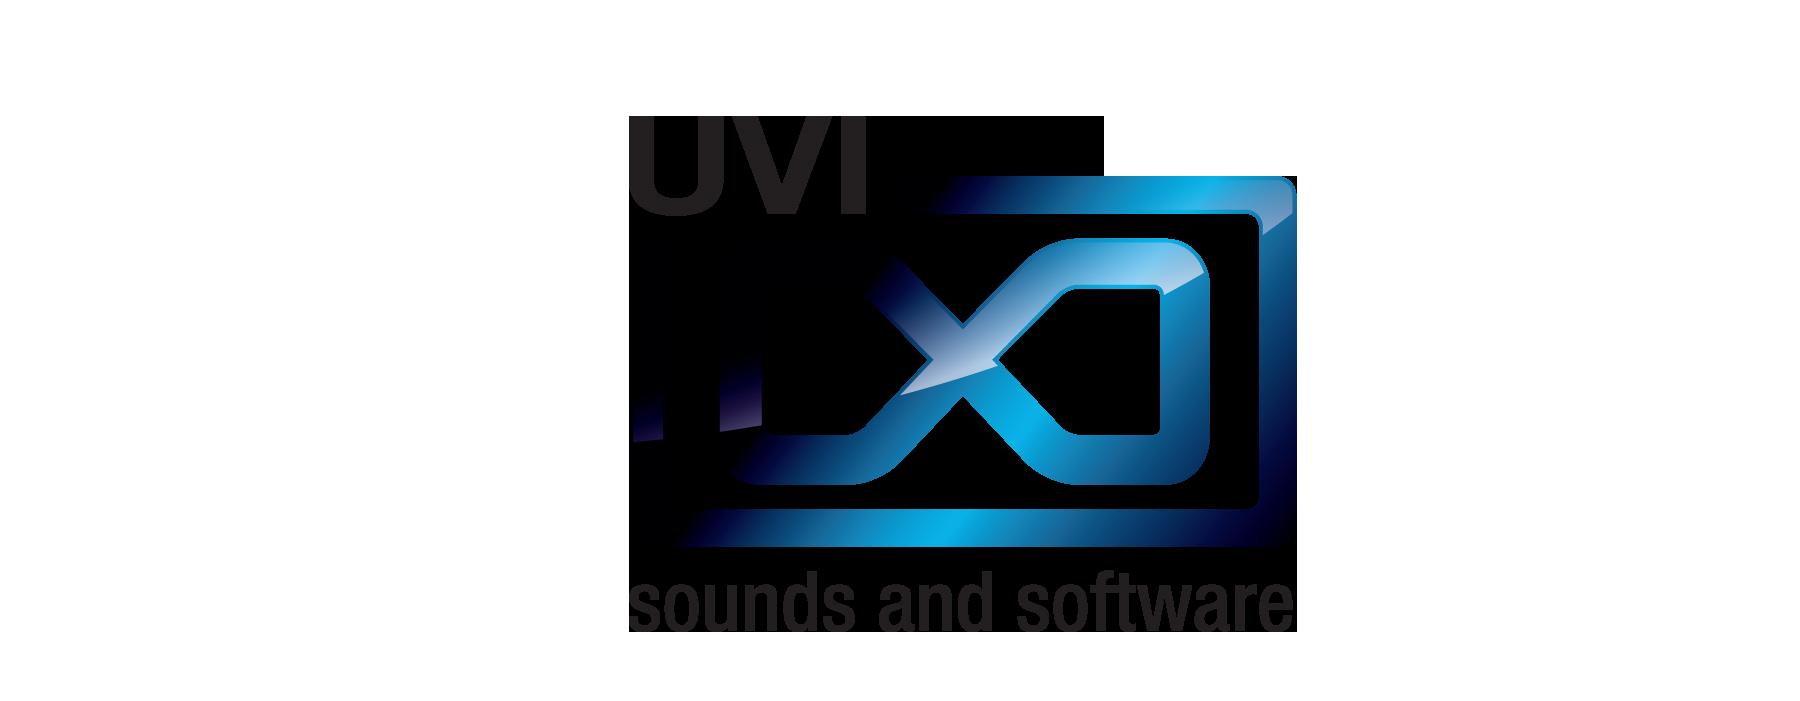 Uvi logo